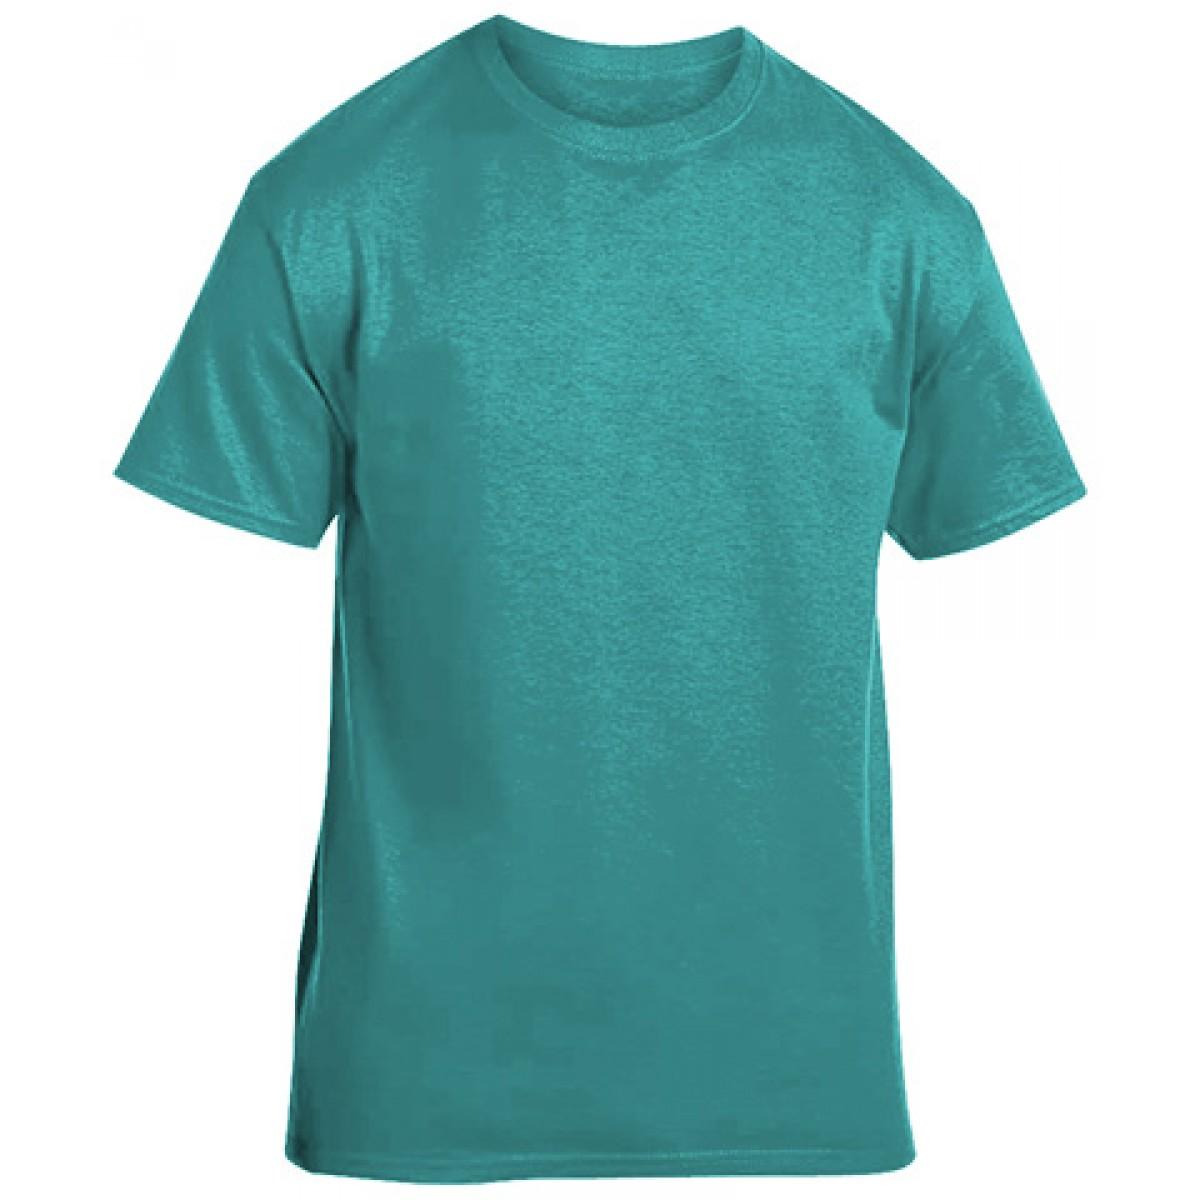 Soft 100% Cotton T-Shirt-Jade-3XL